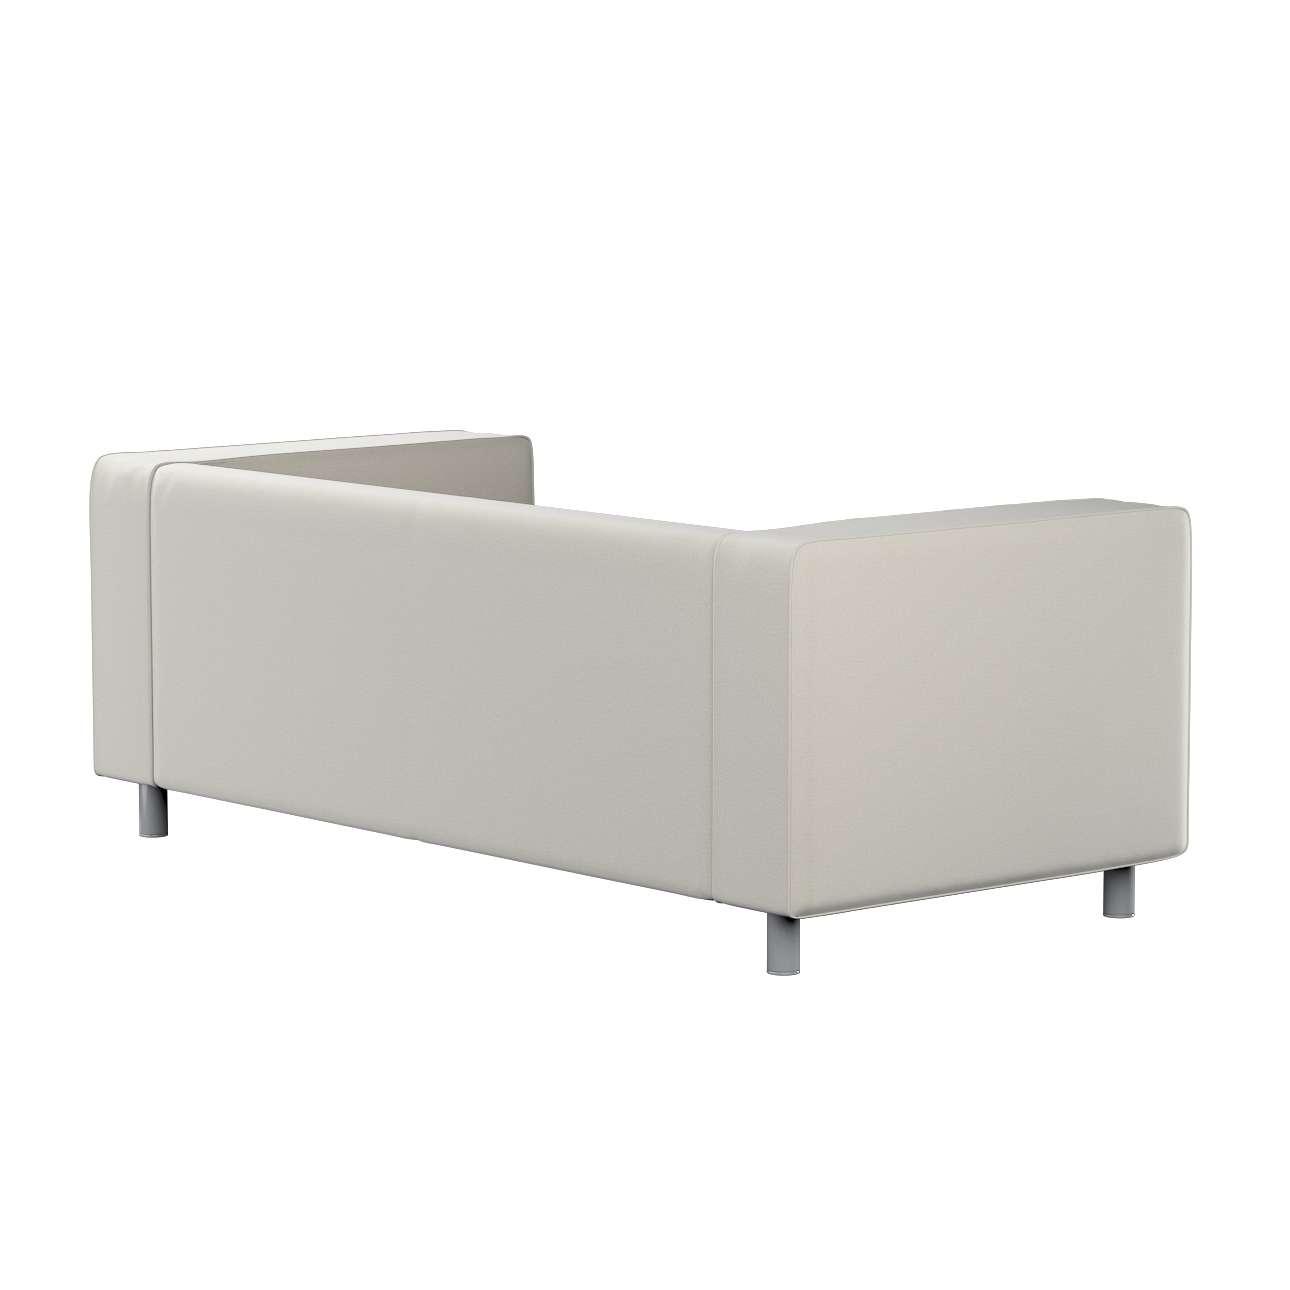 Pokrowiec na sofę Klippan 2-osobową w kolekcji Ingrid, tkanina: 705-40